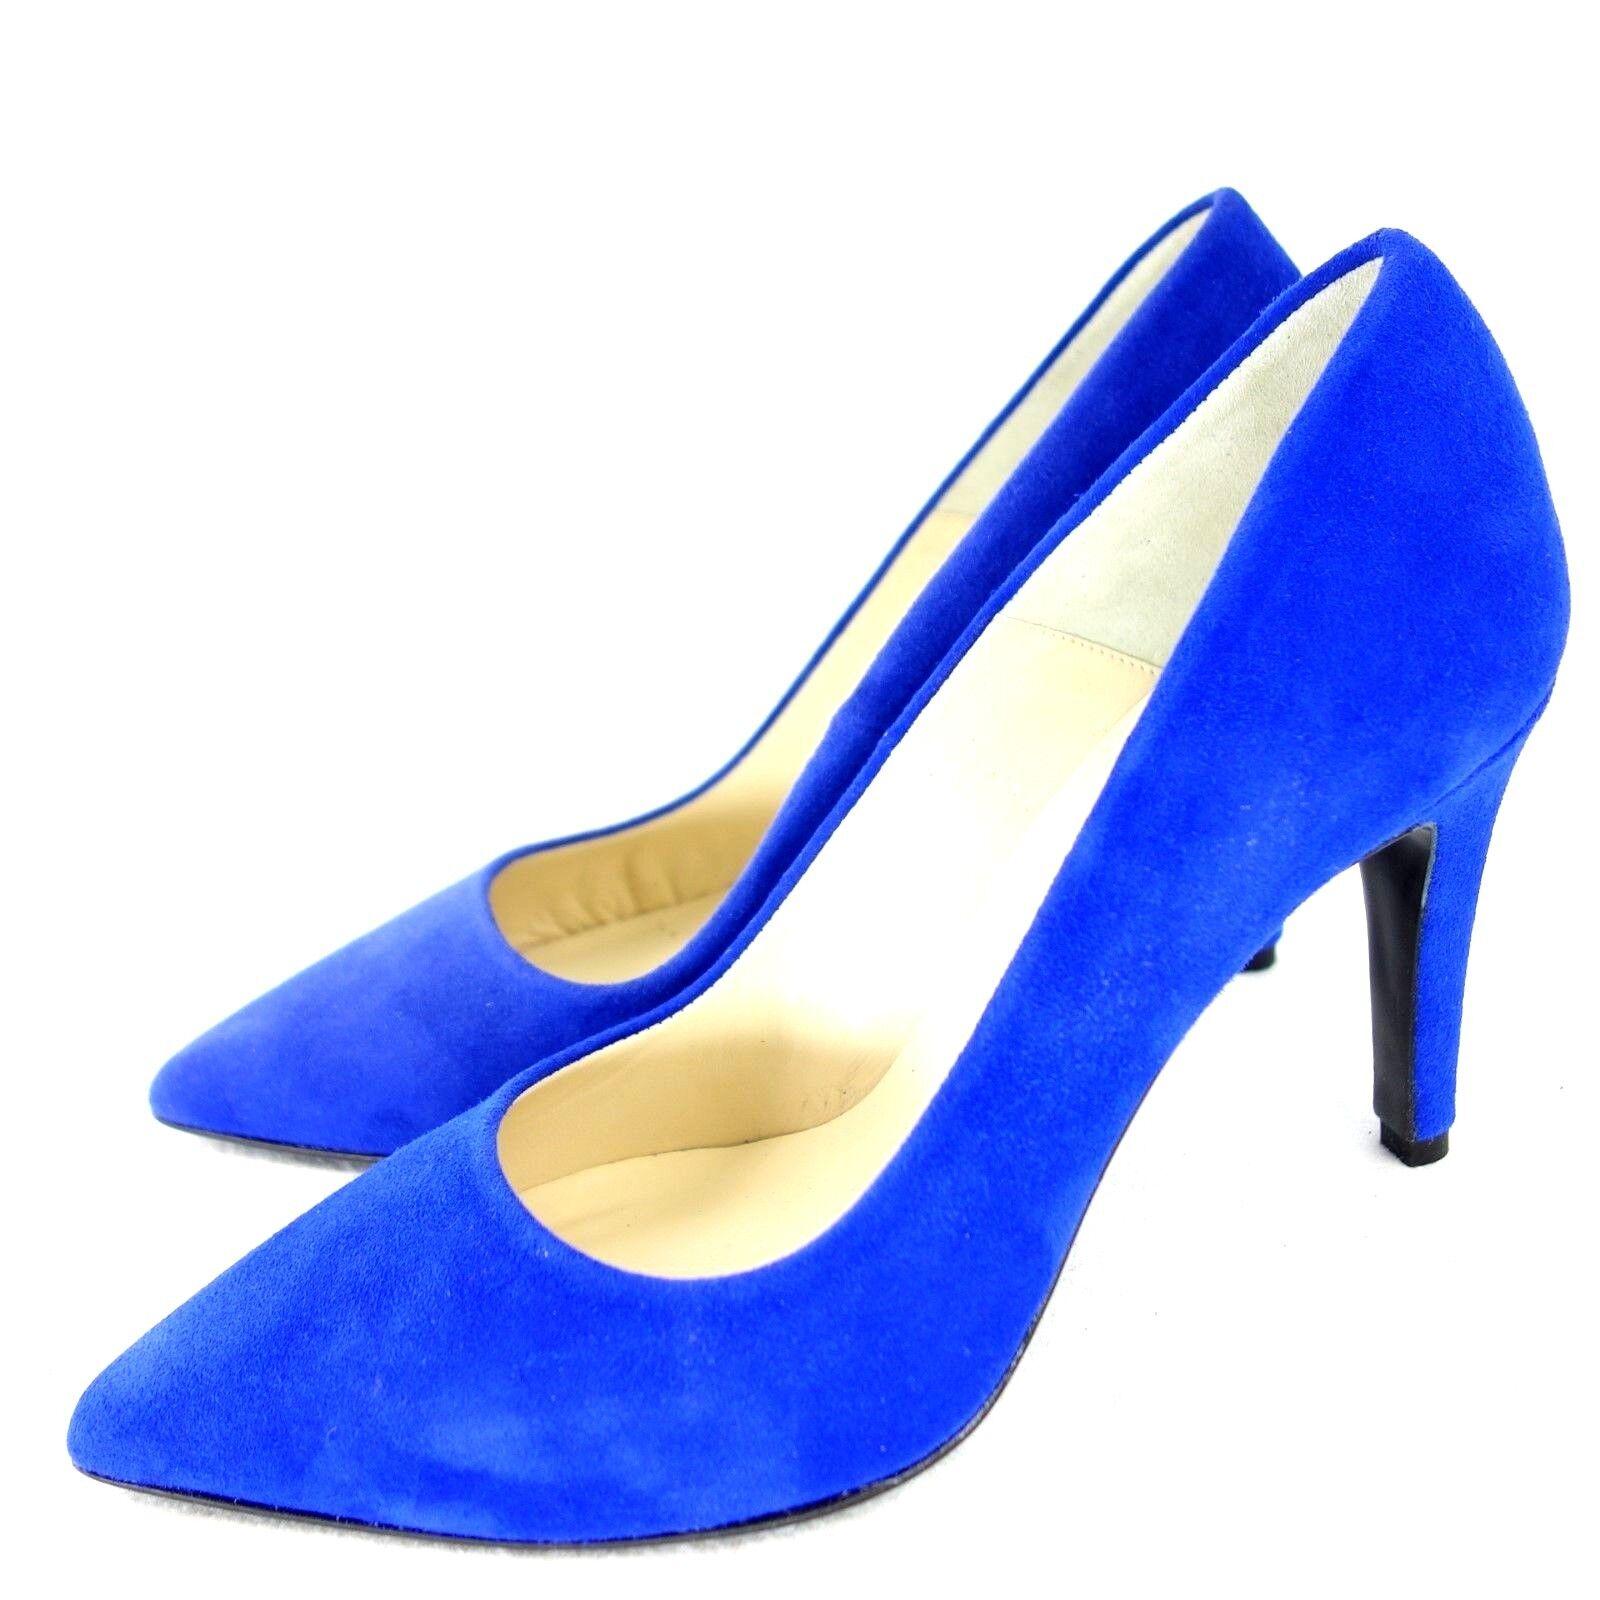 FIRST1FASHION Damen Designer Pumps Blau Wildleder Spitz Leder Schuhe NP 139 NEU